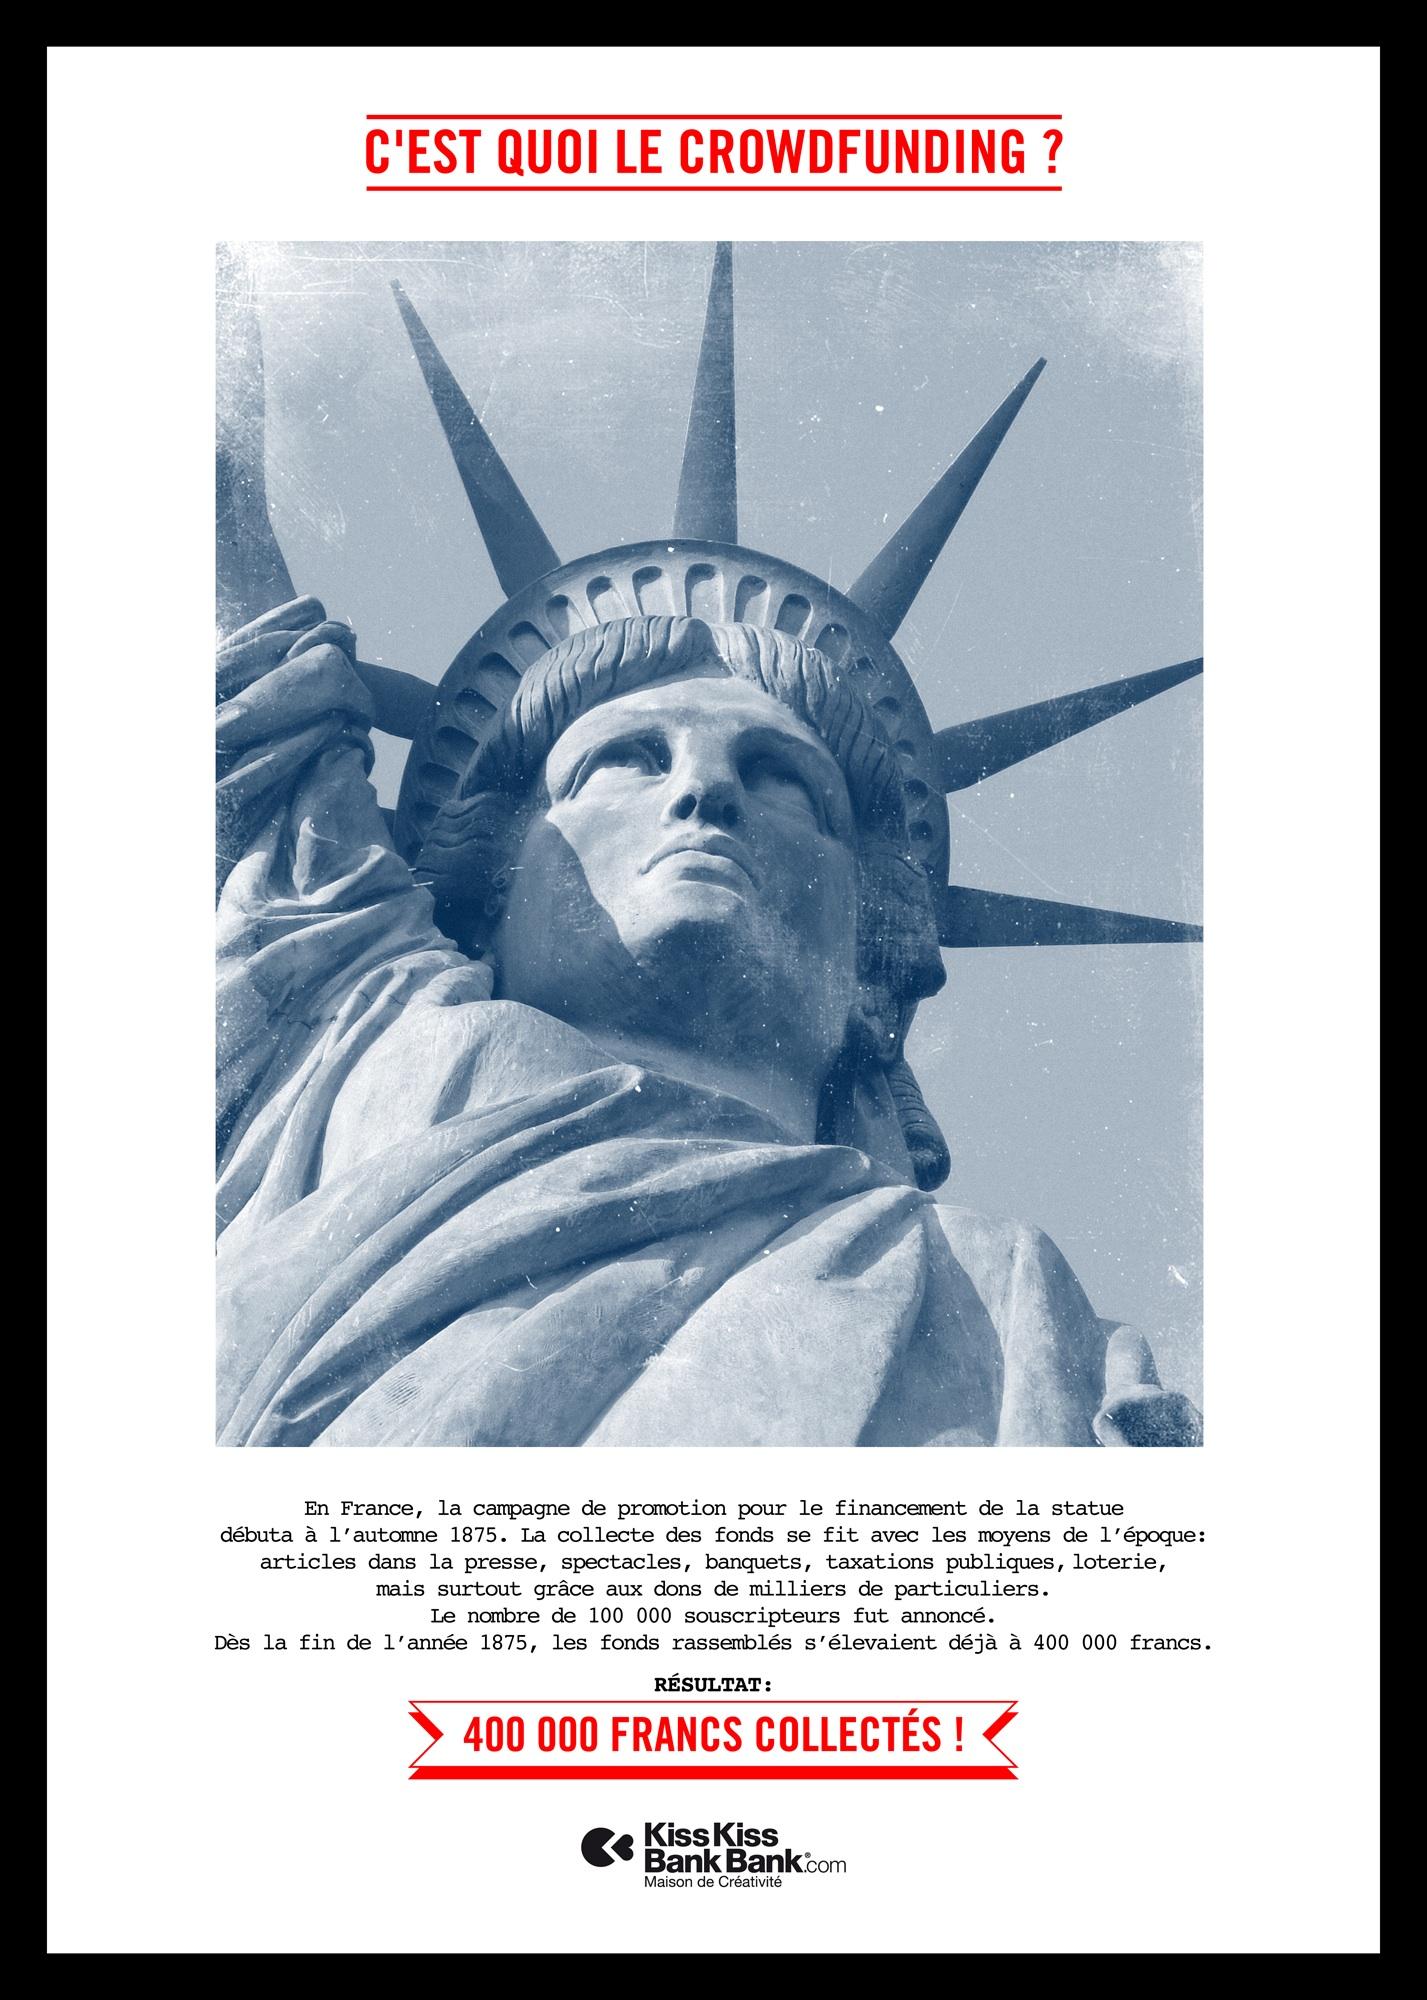 kisskissbankbank-poster-liberty